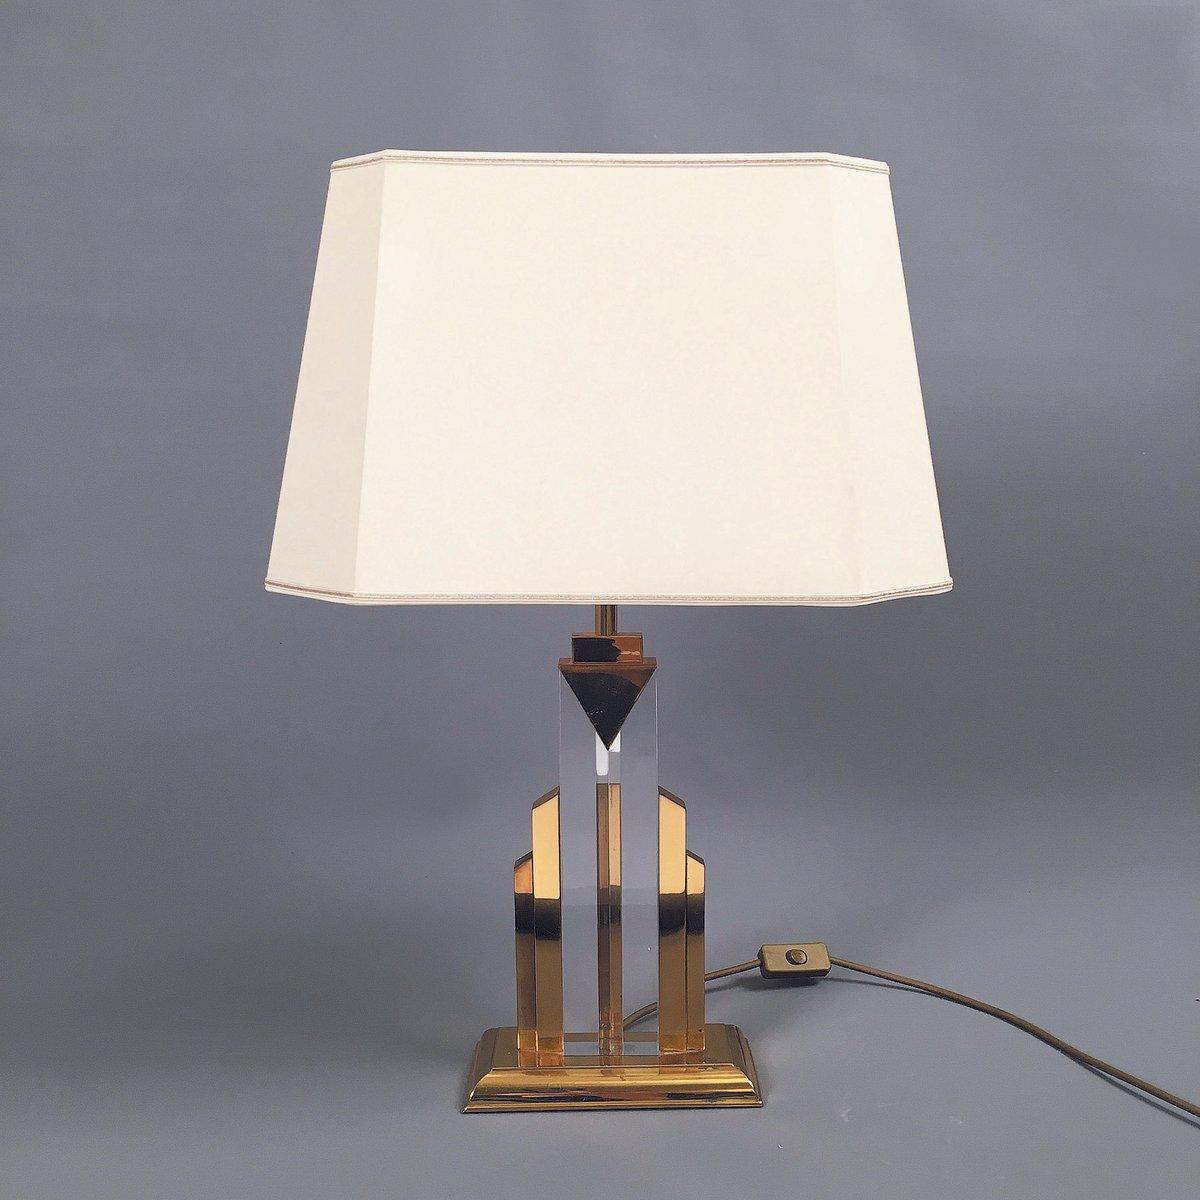 Messing & Plexiglas Tischlampe, 1970er